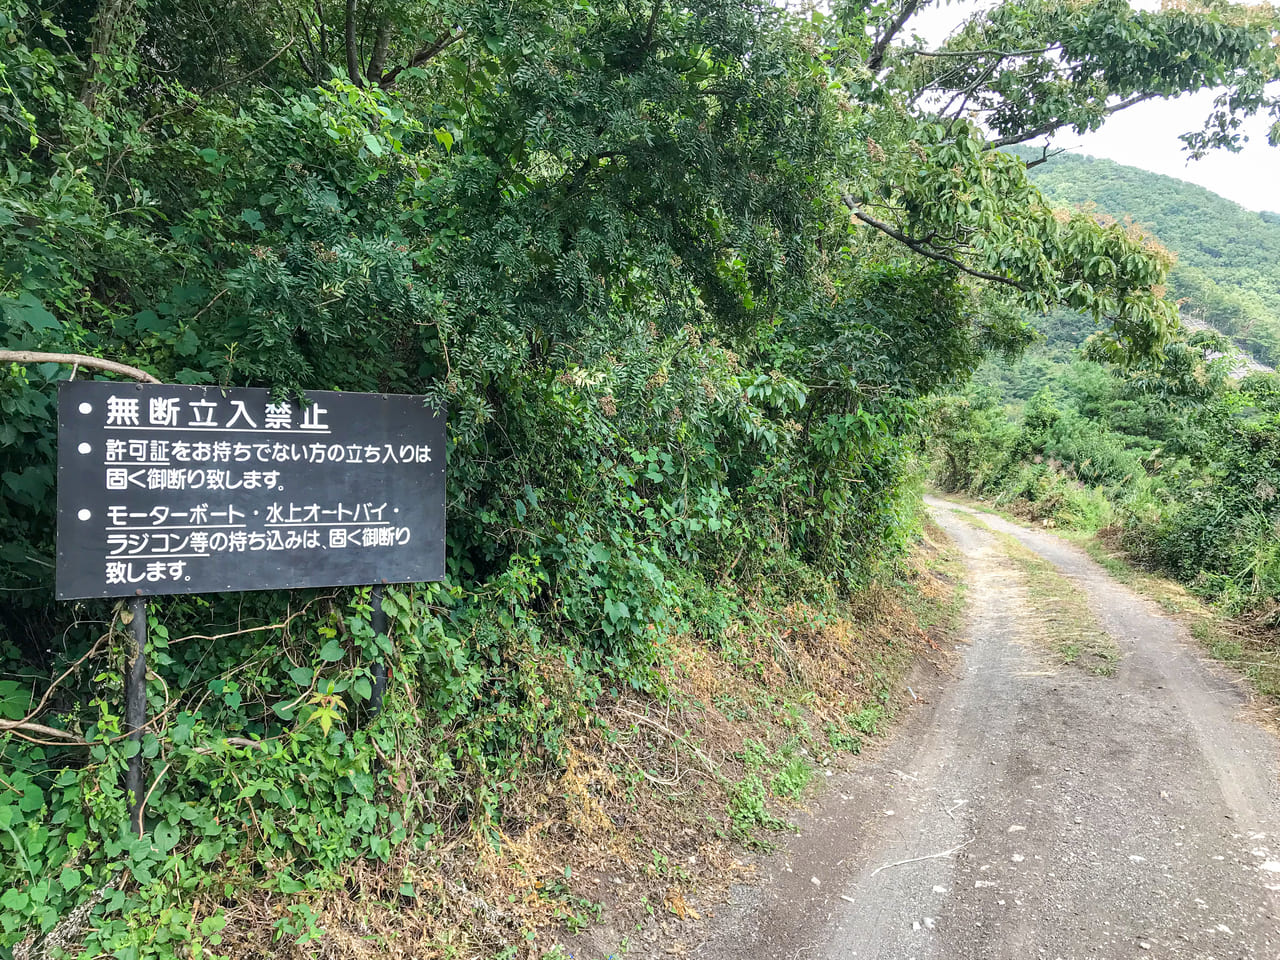 /浩庵キャンプ場内にある立ち入り禁止の看板